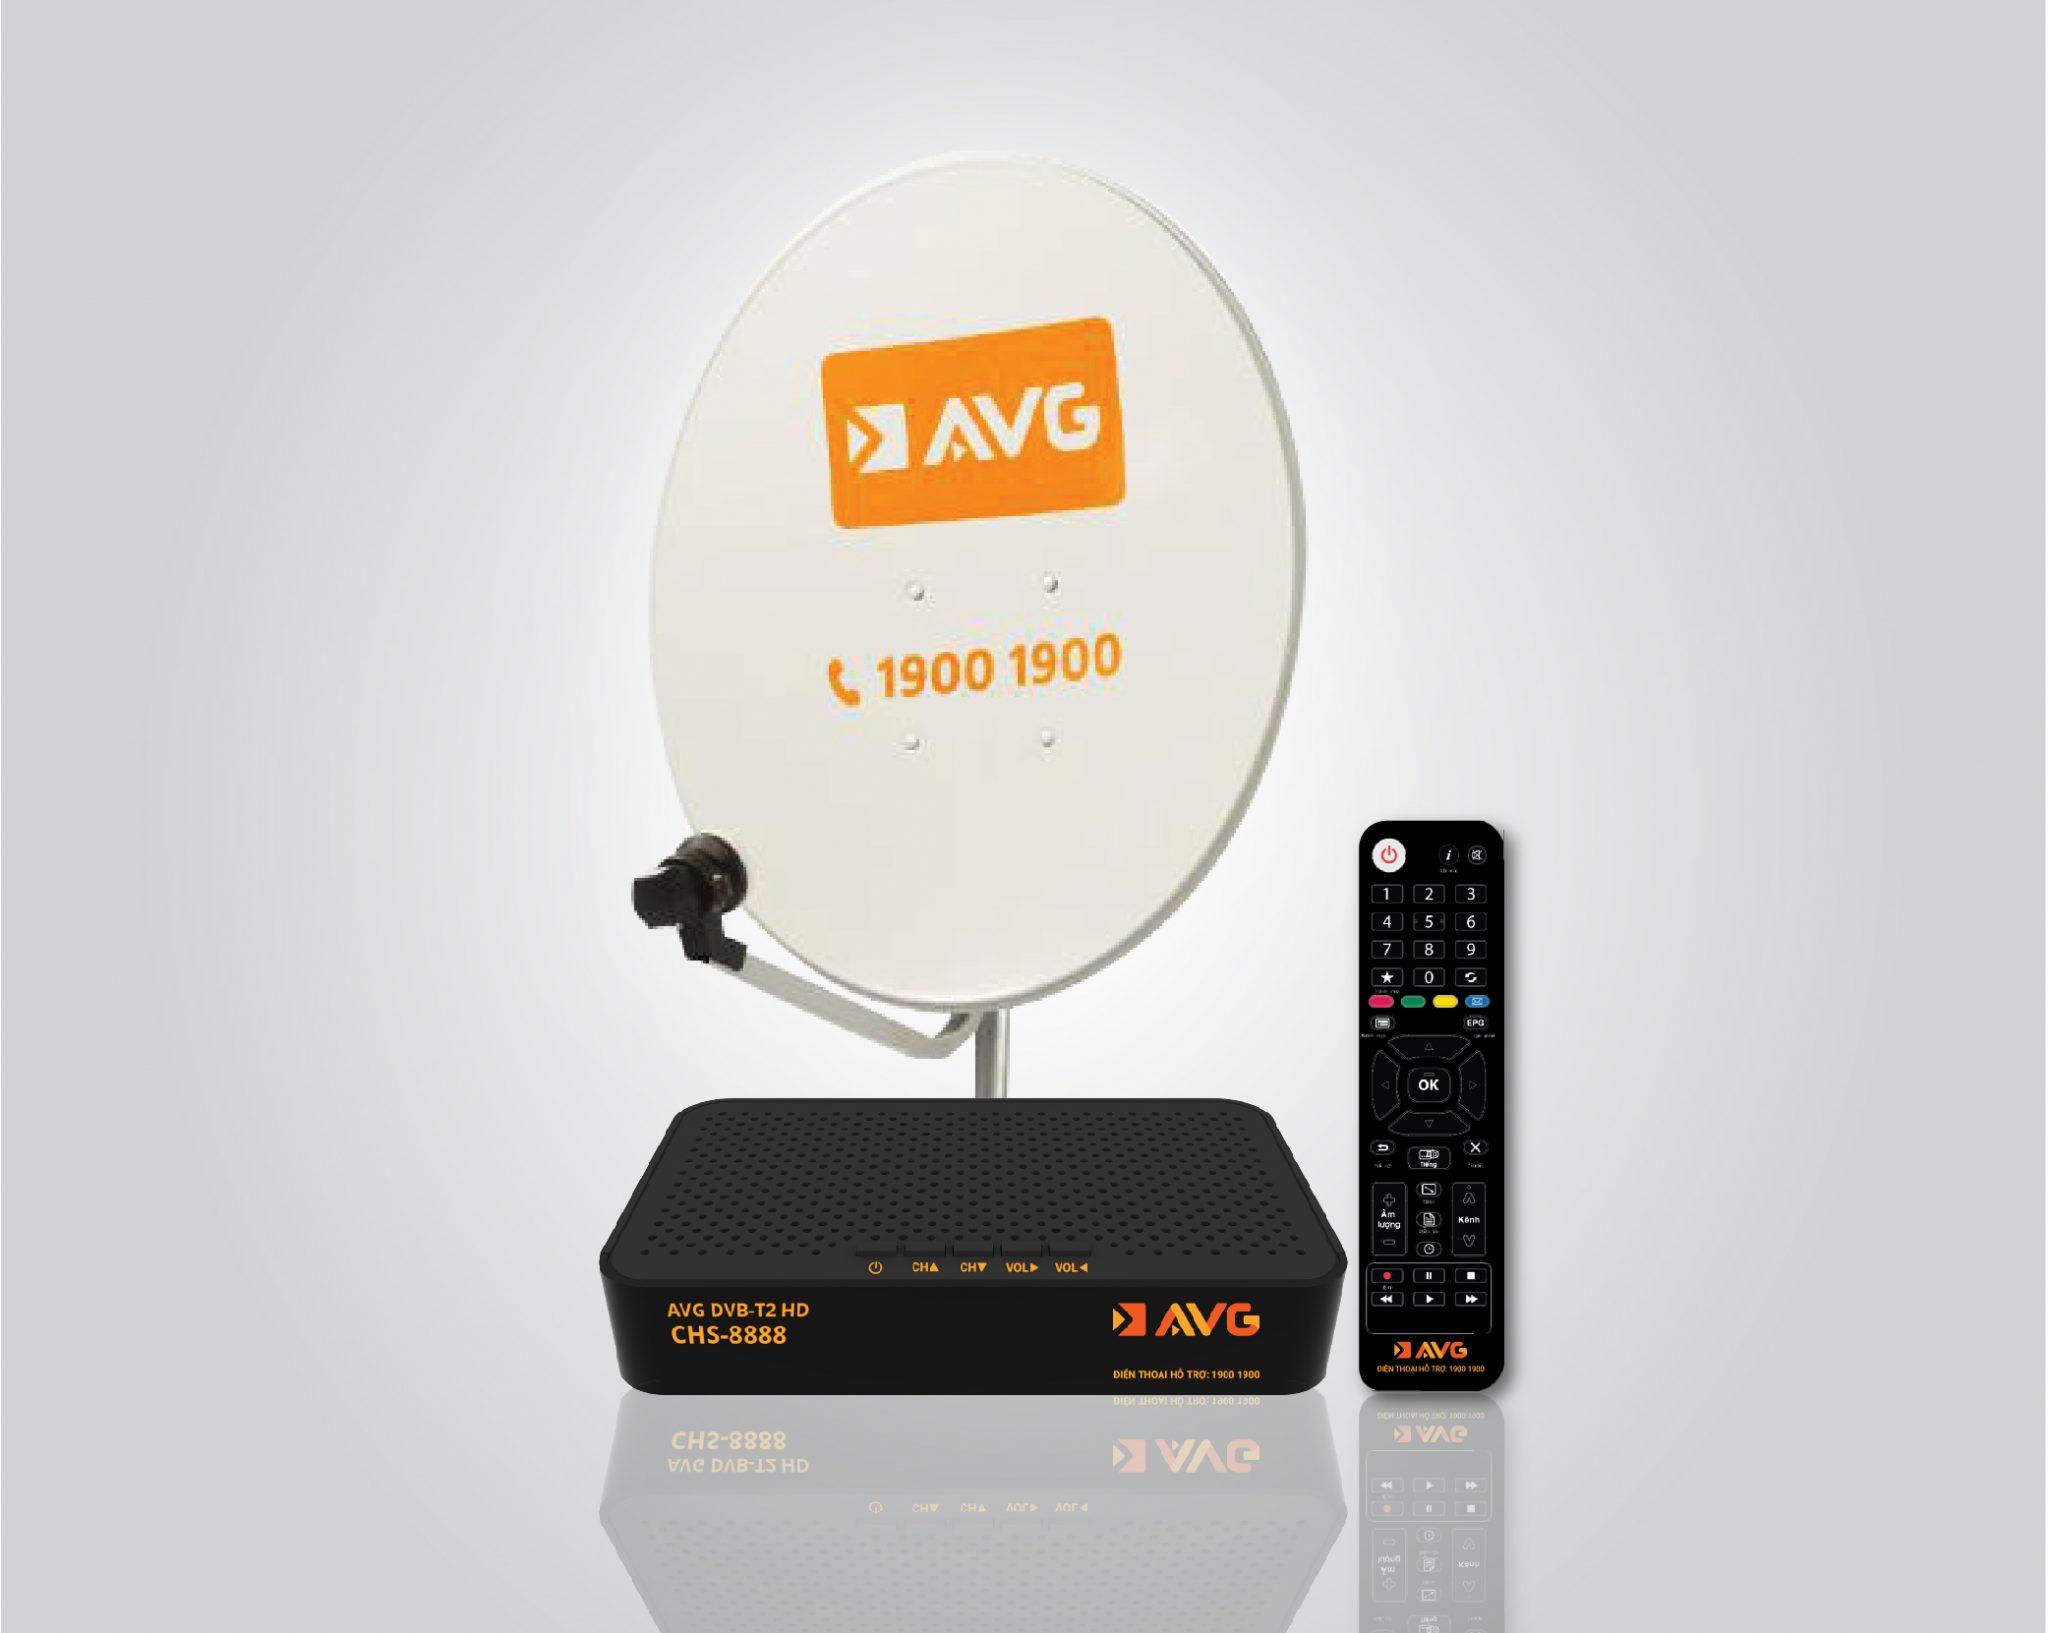 Hình ảnh bộ thiết bị đầu thu + chảo thu tín hiệu DTH của AVG